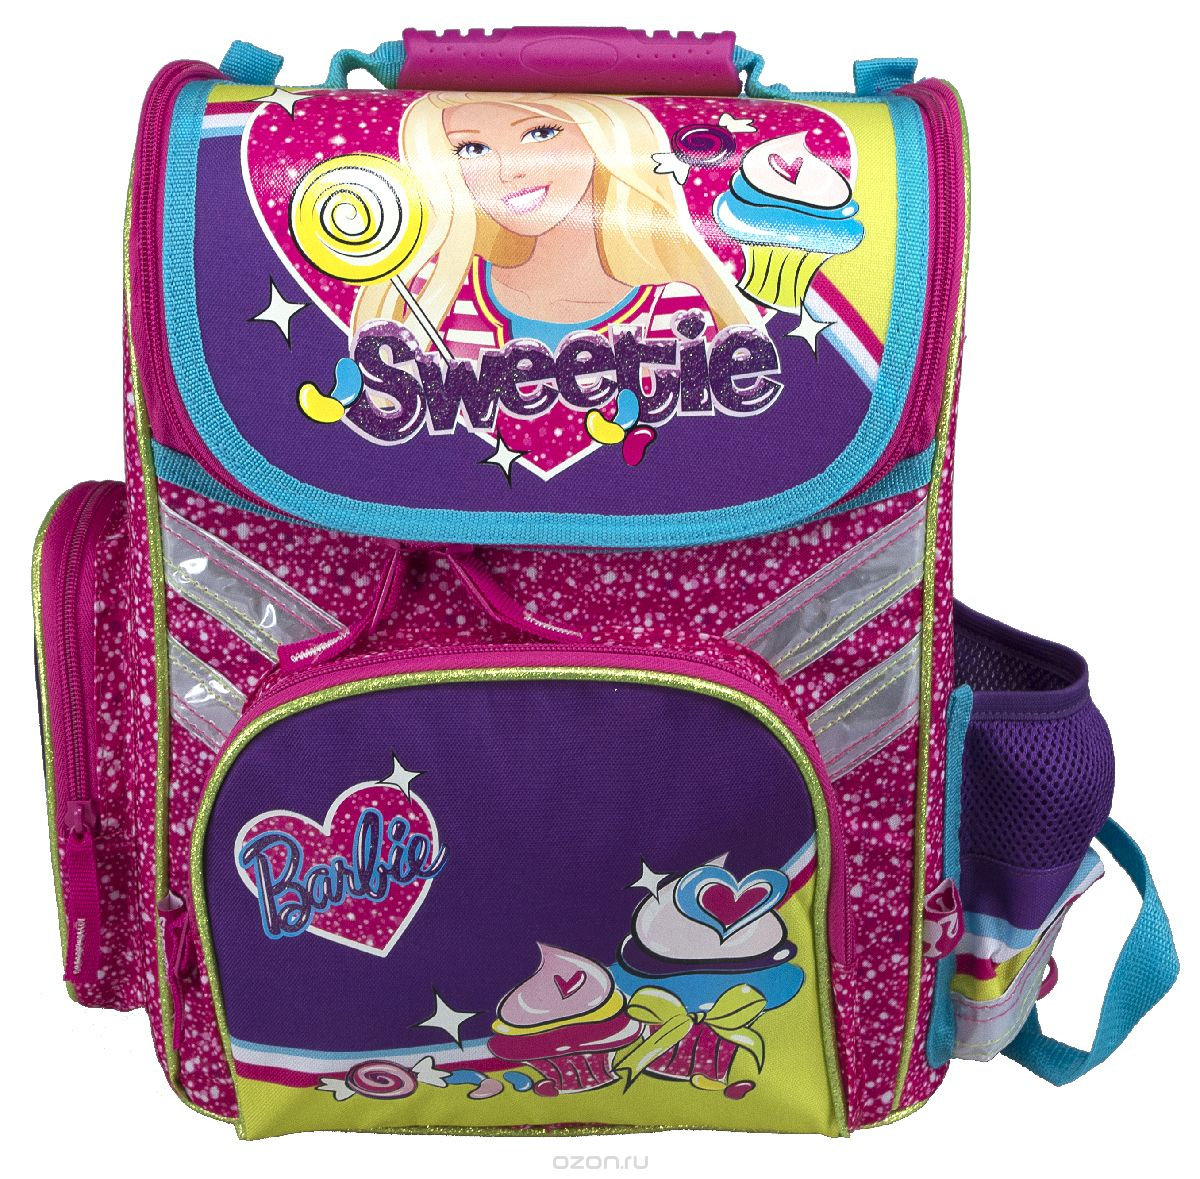 Ранец школьный Kinderline Barbie, цвет: розовый, сиреневый, желтыйBRCB-MT1-113Ранец школьный Kinderline Barbie выполнен из современного легкого и прочного материала розового цвета с яркими аппликациями. Ранец имеет одно основное отделение, закрывающееся на молнию с двумя бегунками. Внутри главного отделения расположен врезной карман на змейке и два разделителя с утягивающей резинкой, предназначенные для размещения предметов без сложения, размером до формата А4 включительно. На лицевой стороне ранца расположен накладной карман на молнии. По бокам ранца размещены два дополнительных накладных кармана, один на молнии, и один открытый. Ортопедическая спинка, созданная по специальной технологии из дышащего материала, равномерно распределяет нагрузку на плечевые суставы и спину. Удлиненные держатели облегчают фиксацию длины ремней с мягкими подкладками. Ранец оснащен удобной ручкой для переноски и двумя широкими лямками, регулируемой длины. Дно ранца дополнено пластиковыми ножками. Многофункциональный школьный ранец станет незаменимым спутником вашего ребенка в походах за знаниями.